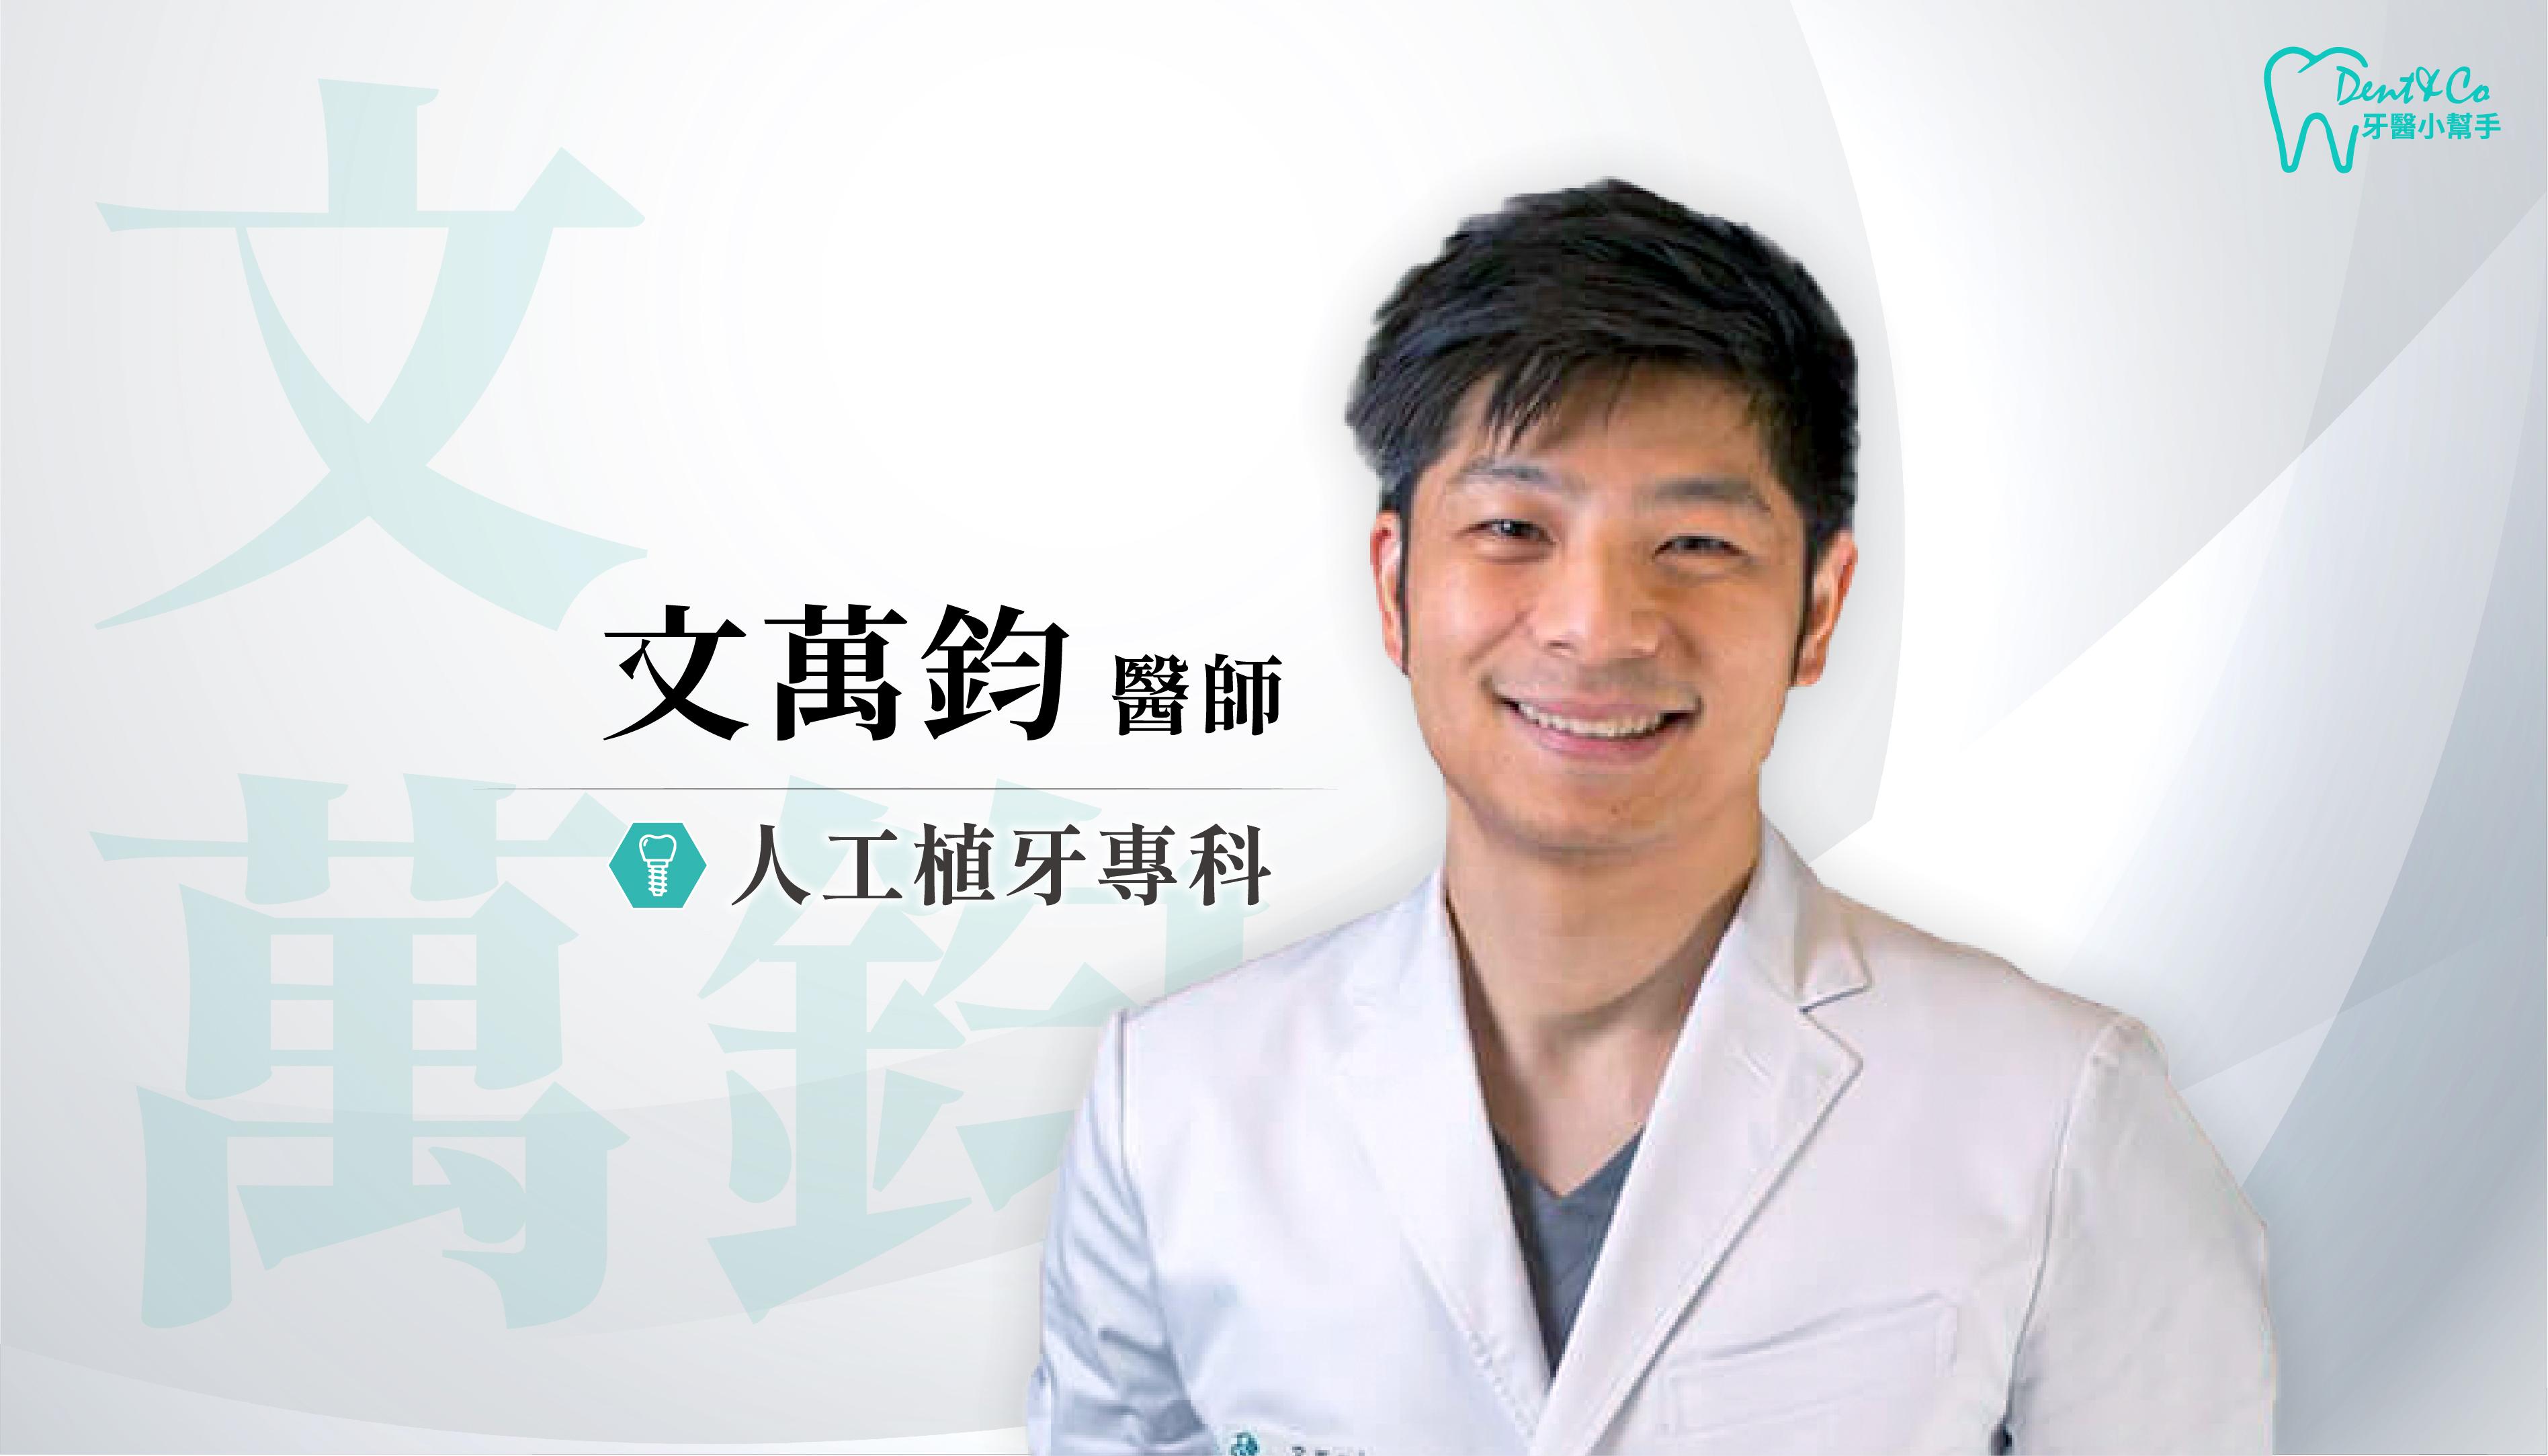 台北信義植牙推薦_文萬鈞醫師.png